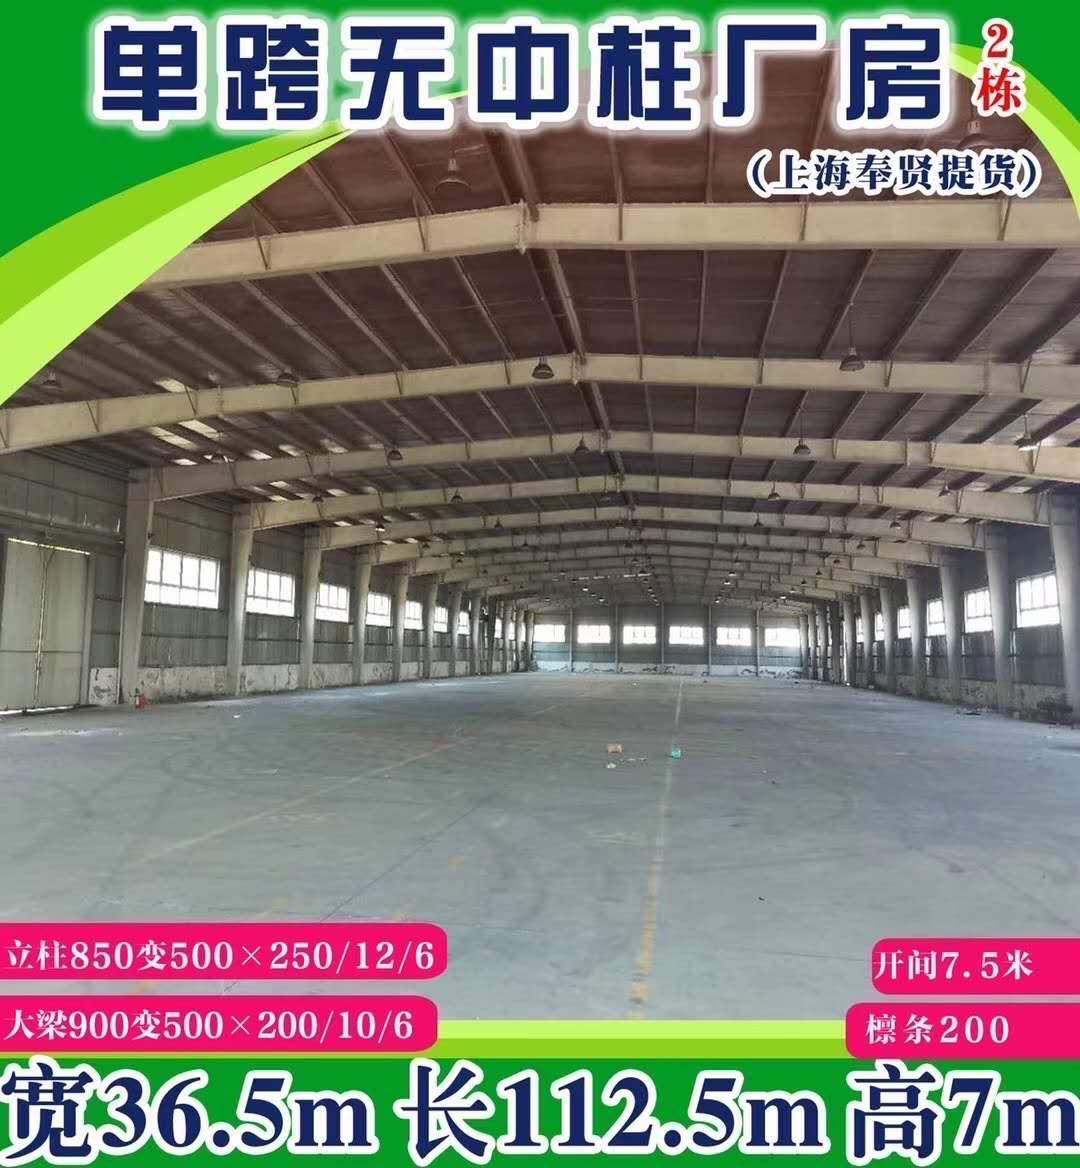 出售钢结构厂房宽36.5米 长112.5米 高7米